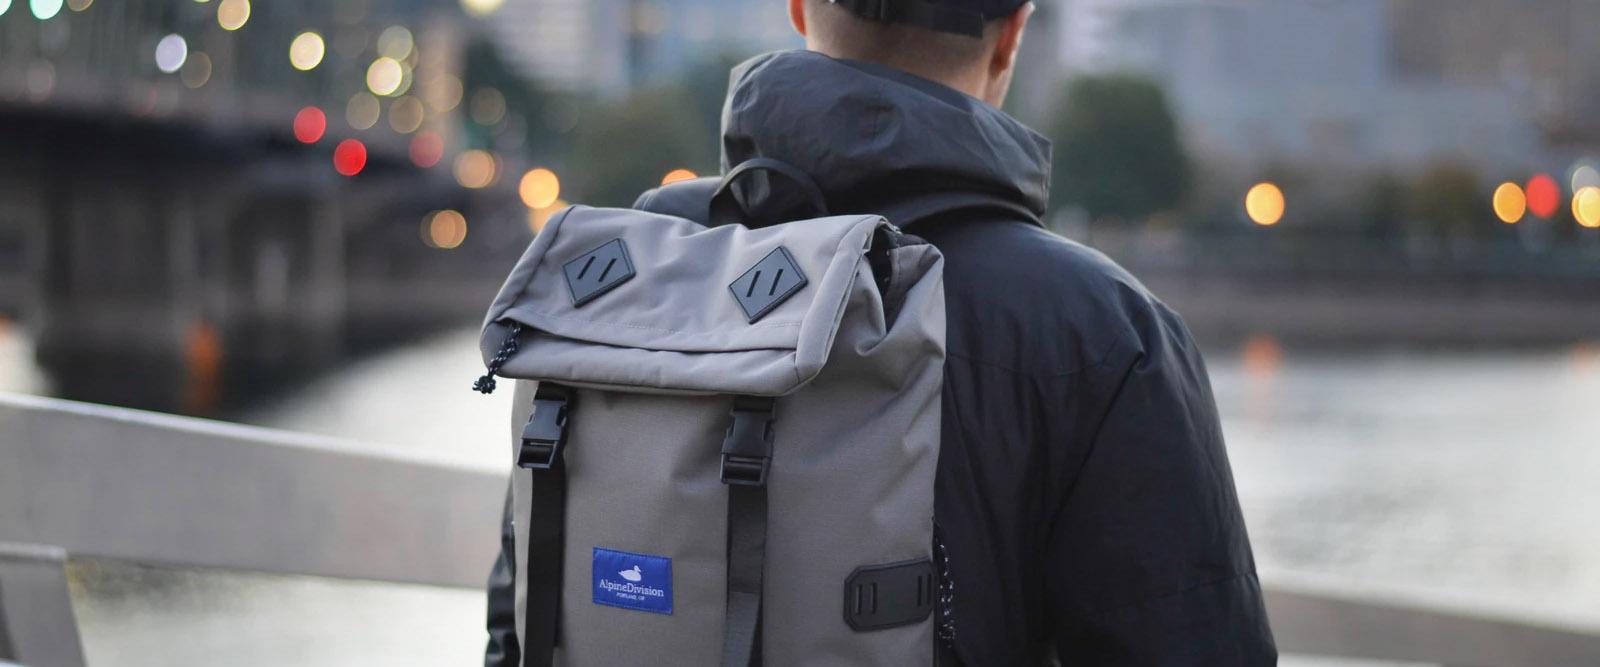 alpine-division-backpacks-portland-oregon-thedrop.jpg